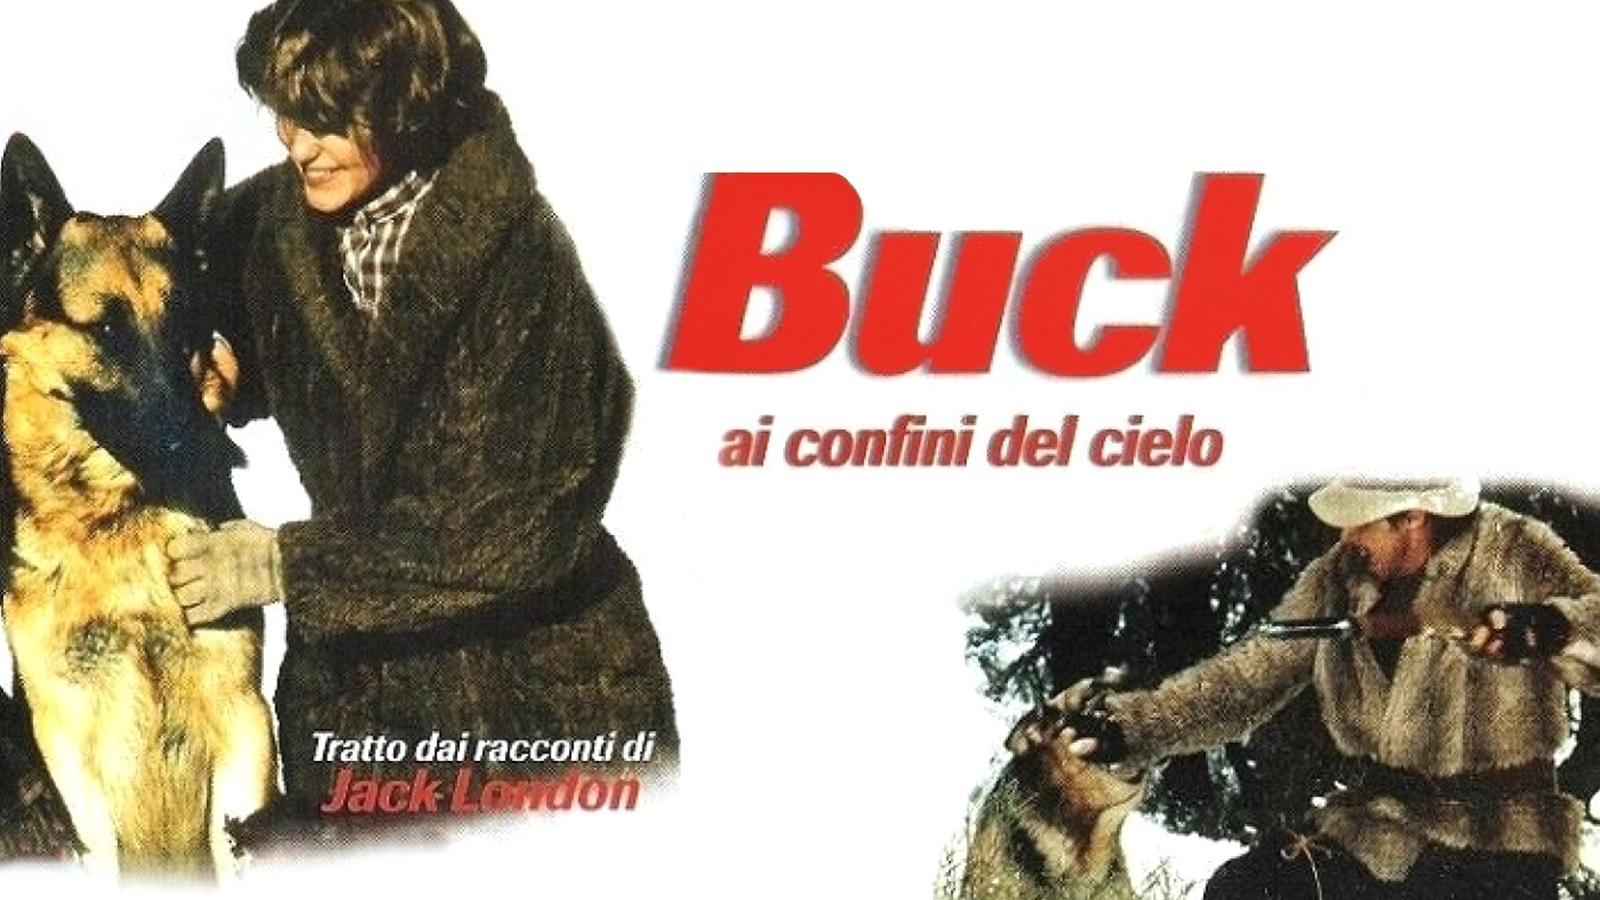 BUCK AI CONFINI DEL CIELO (DVD)